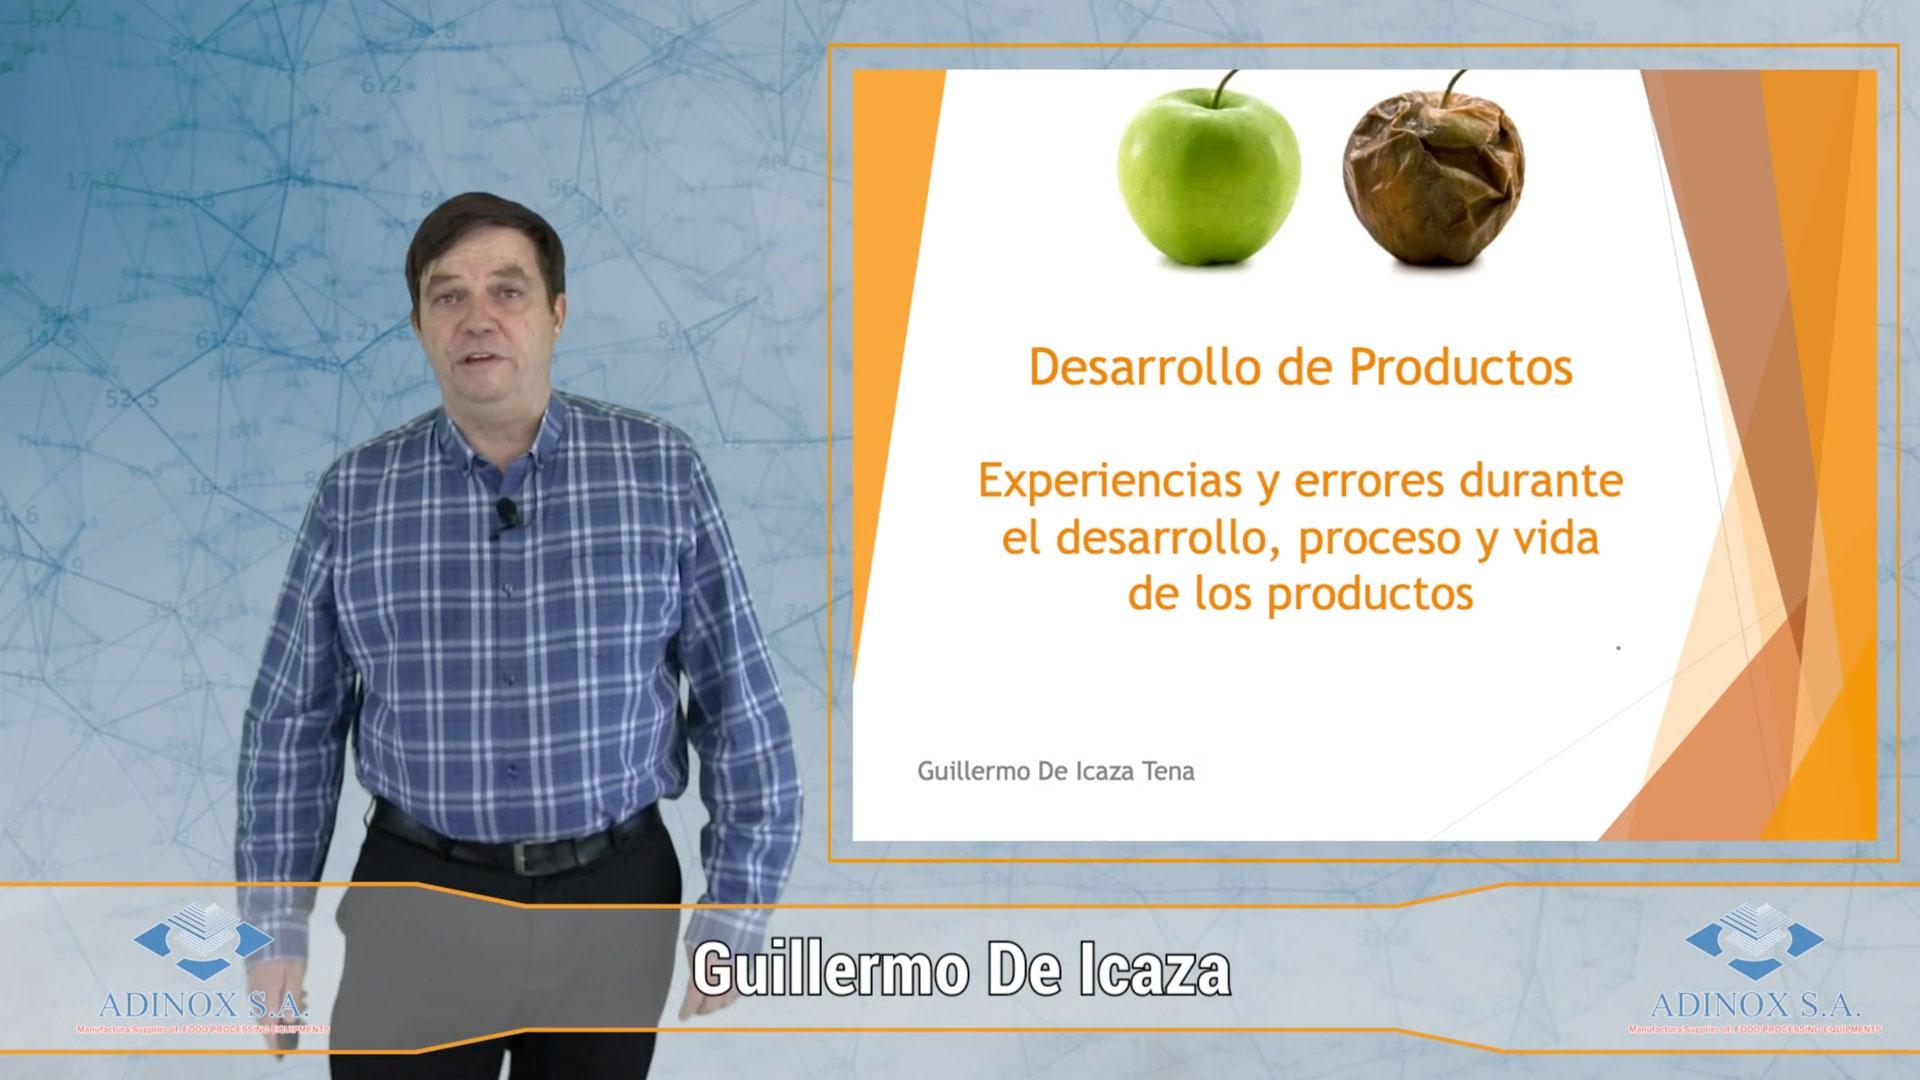 GUILLERMO DE ICAZA - Desarrollo de Nuevos Productos. Consideraciones para una Vida Útil